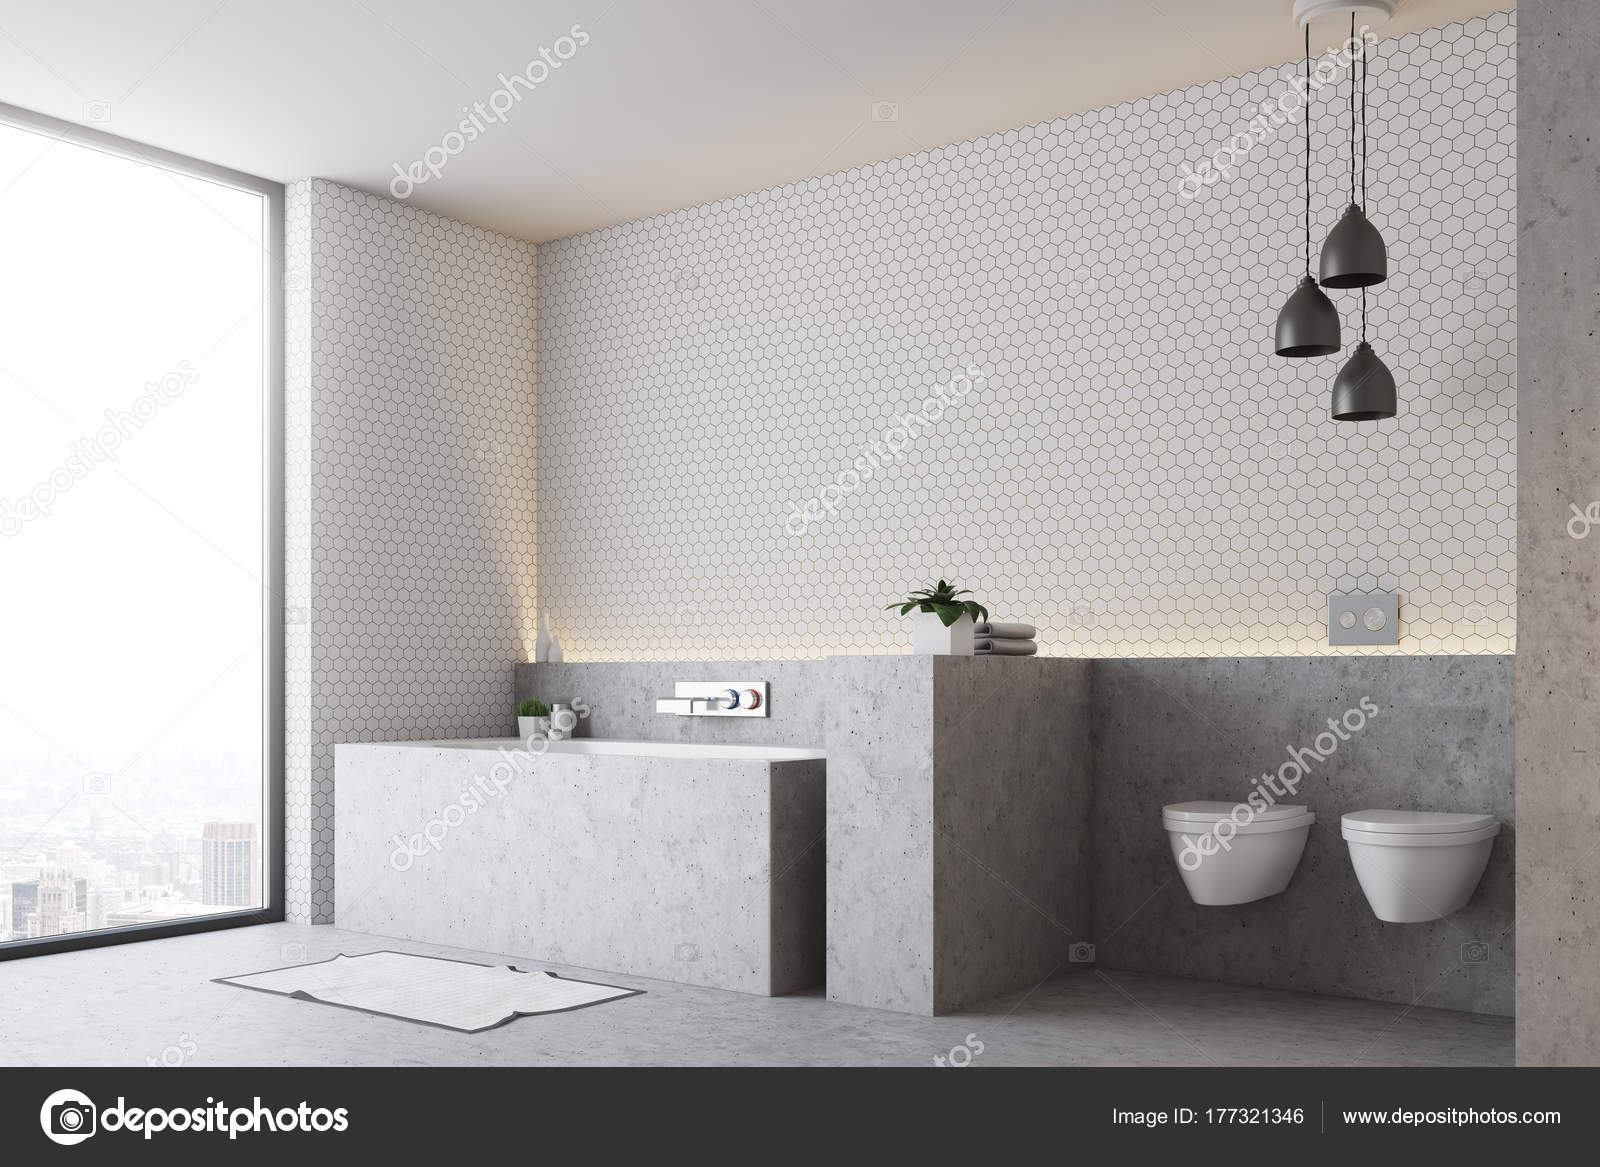 Elegant Badezimmer Grau Ideen Von Weiße Badezimmer, Graue Wanne Und Wc —